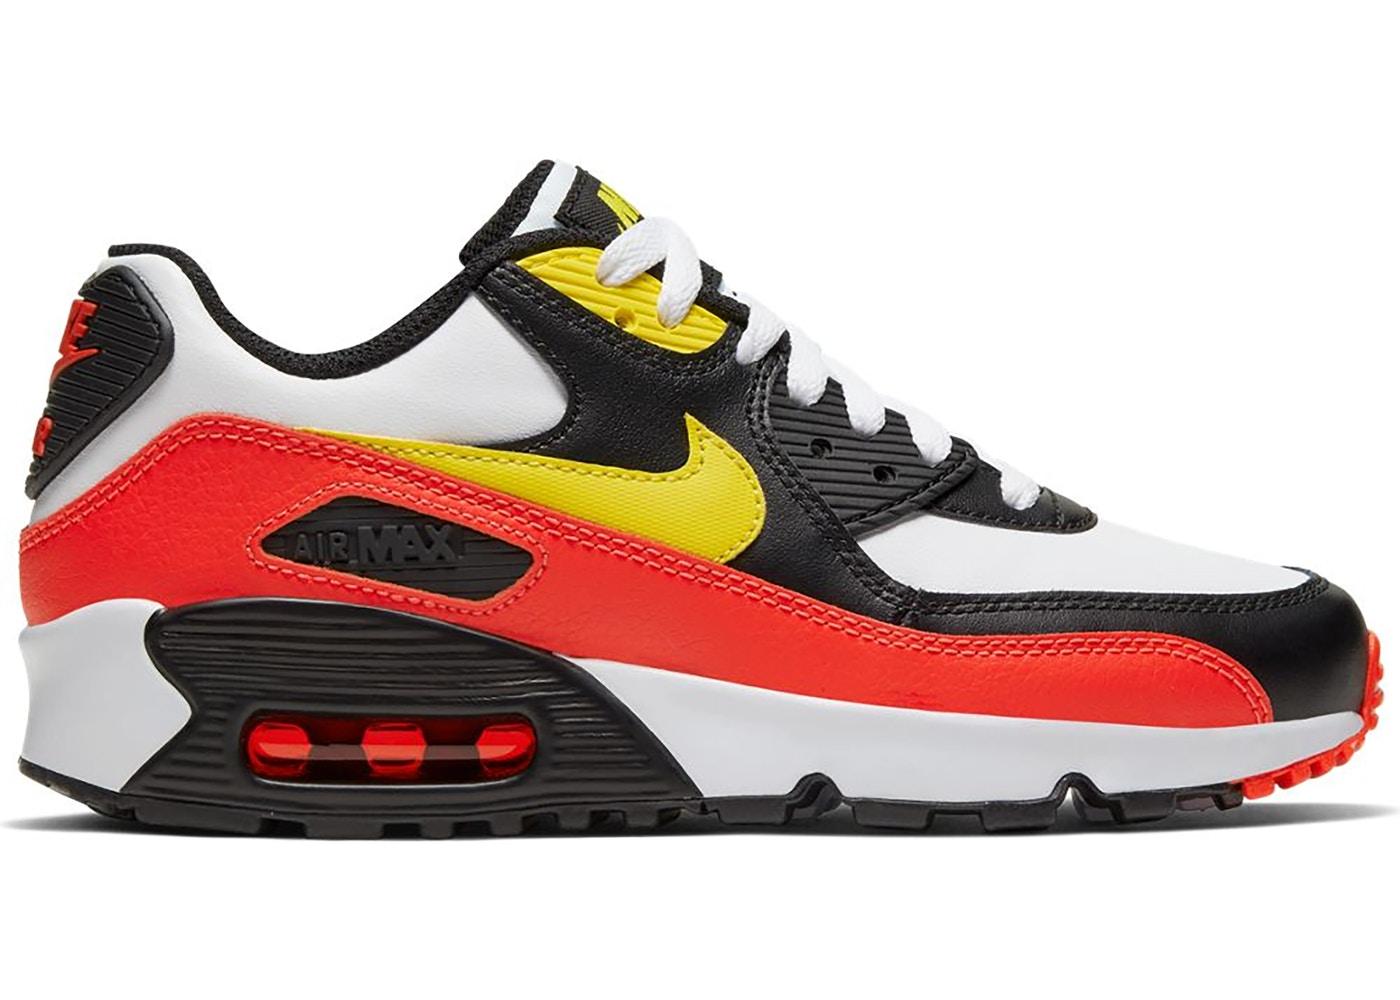 ナイキ キッズ/レディース エアマックス90 Nike Air Max 90 GS スニーカー White/Chrome Yellow/Black